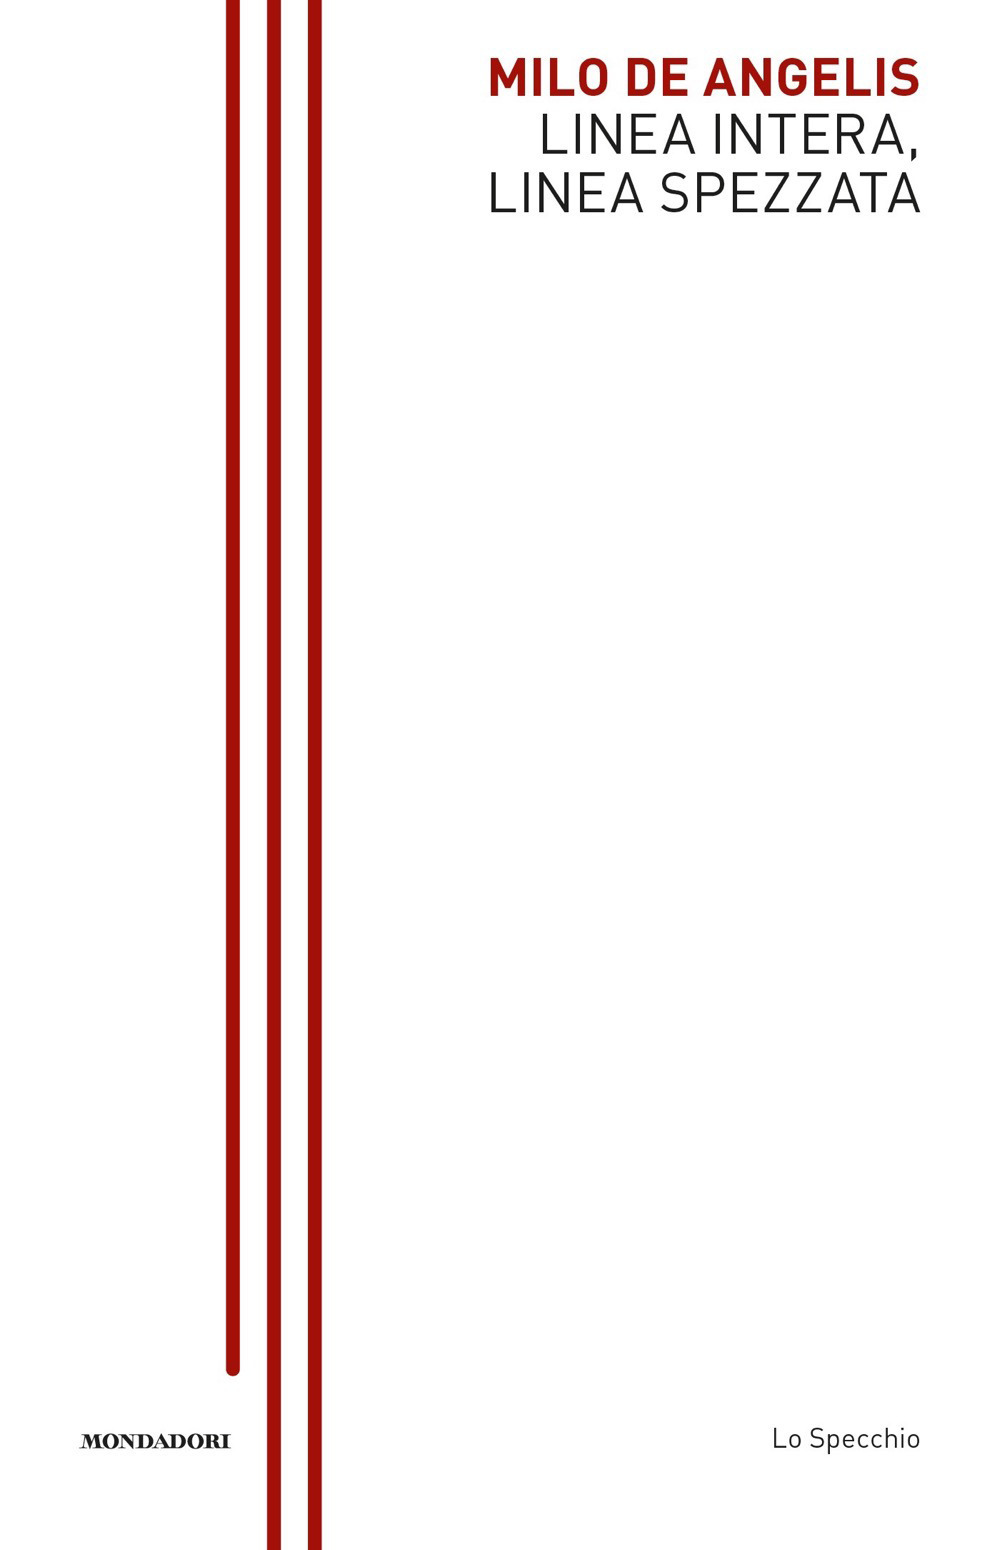 Linea intera, linea spezzata